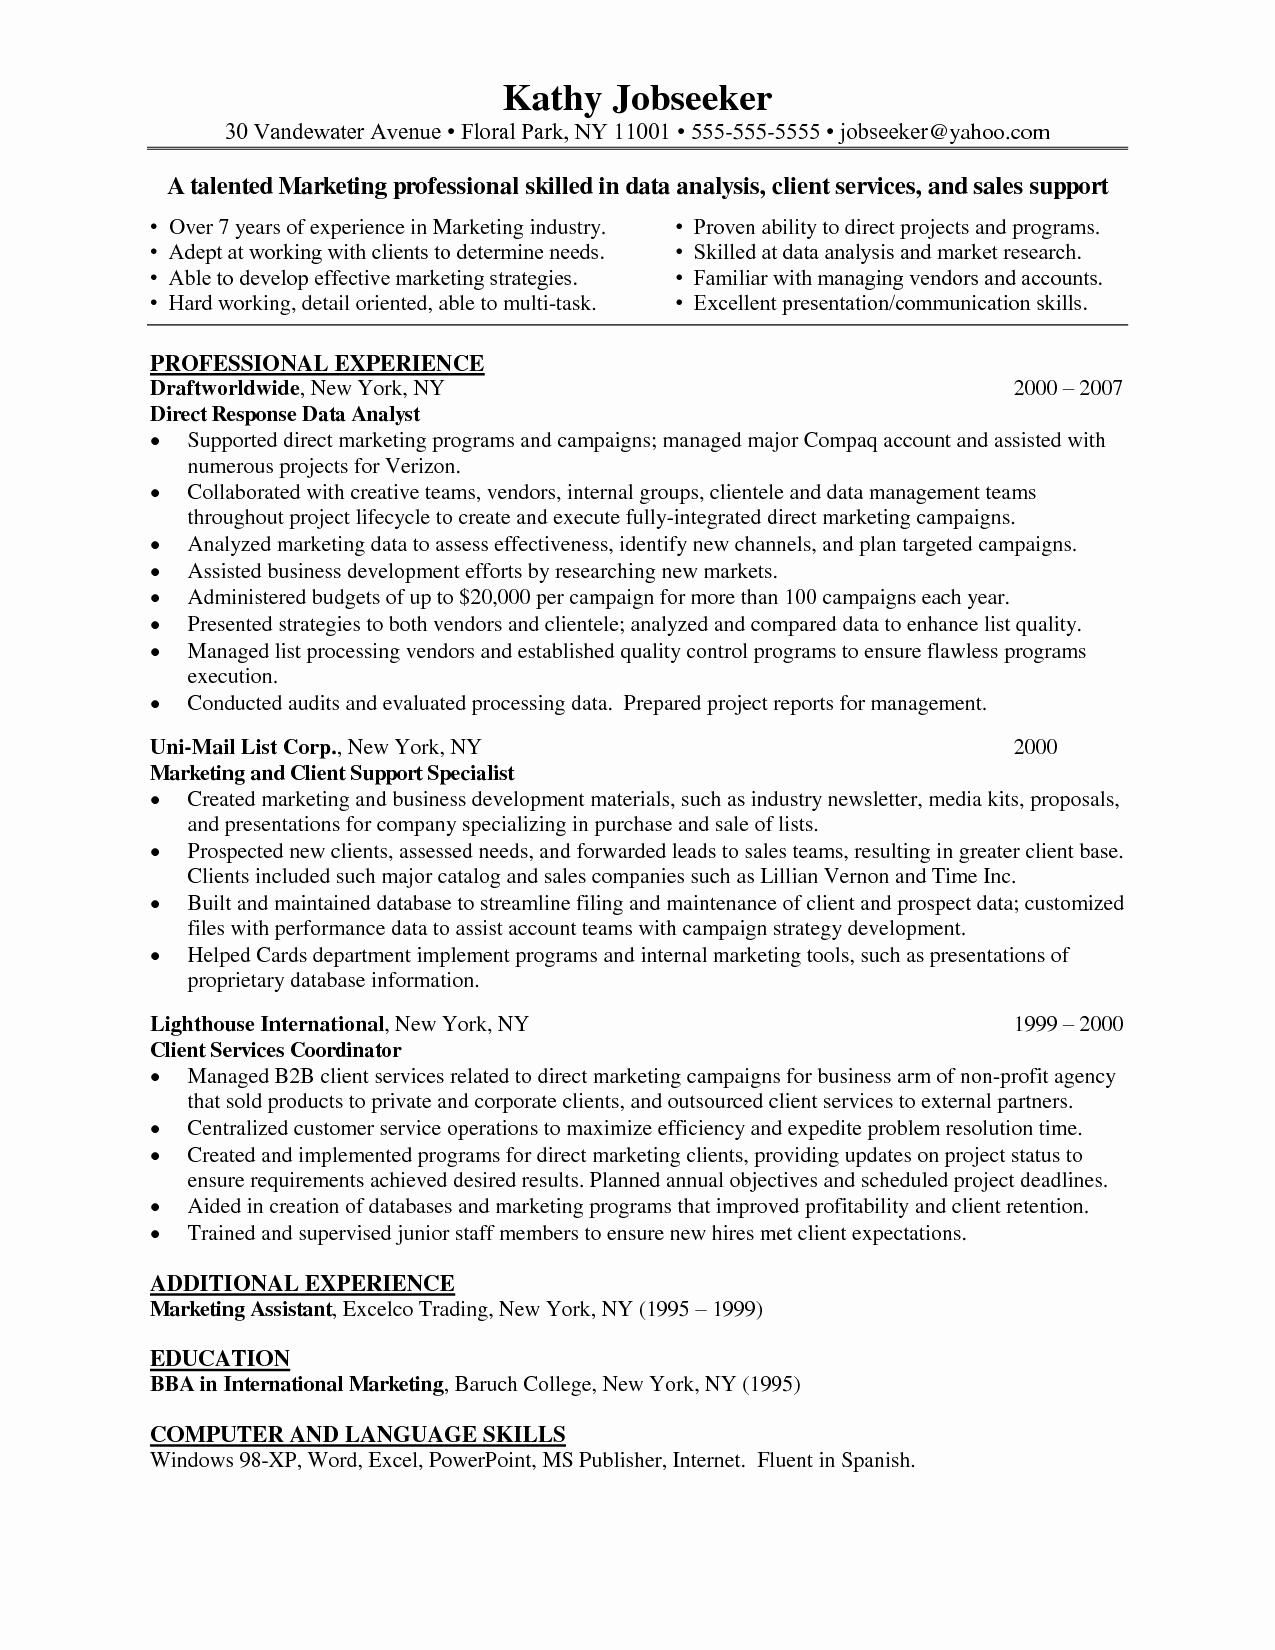 Data Analyst Resume Entry Level Luxury Data Analyst Skills Resume